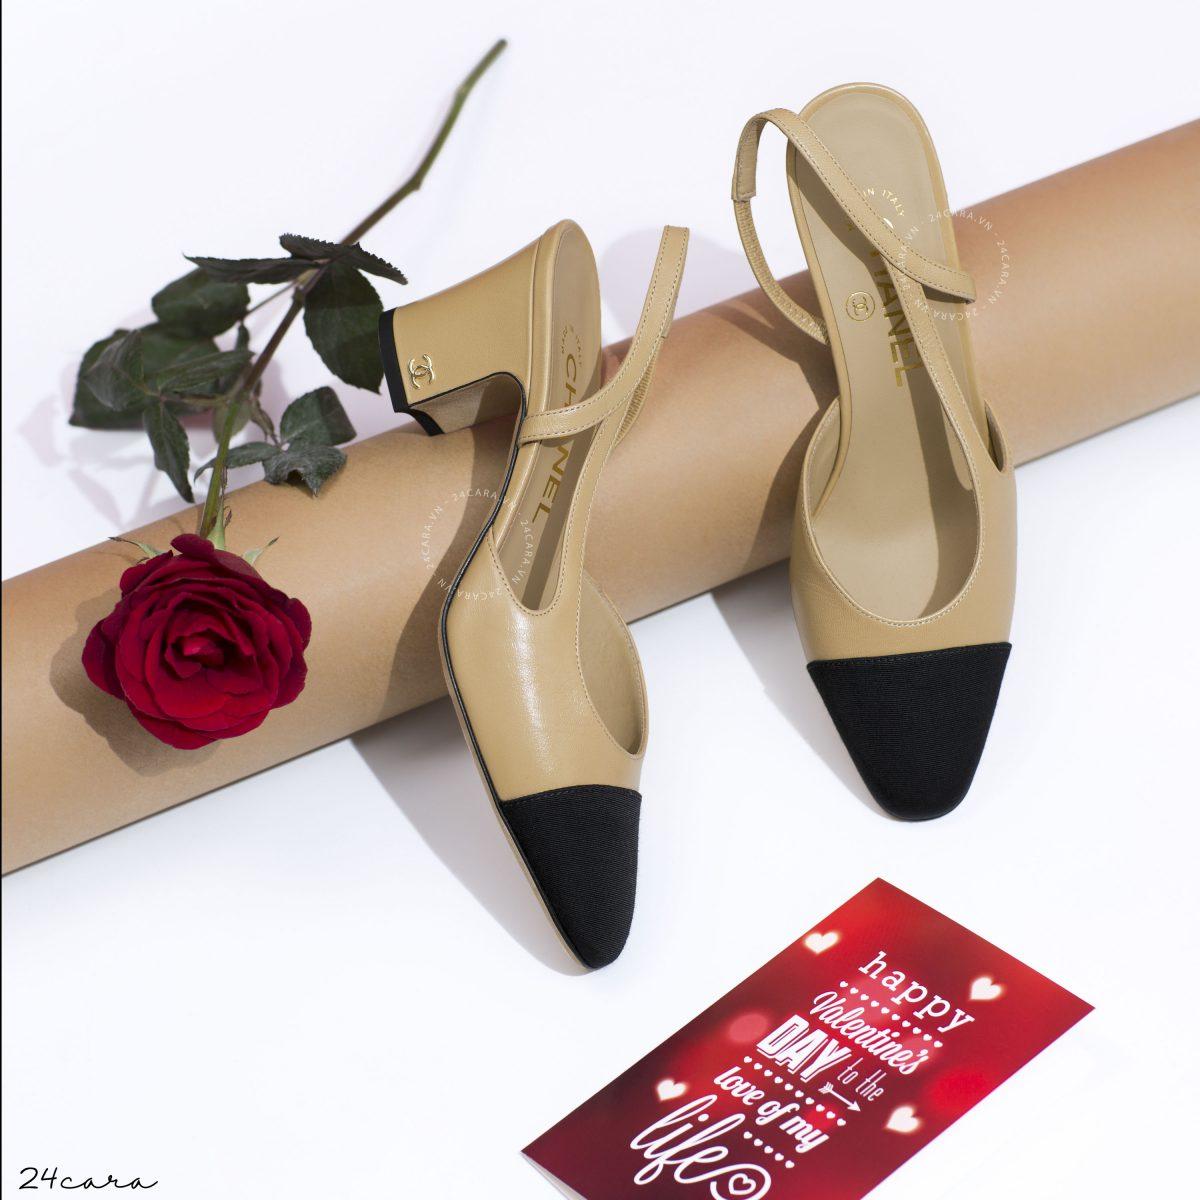 """Đôi giày Chanel """"58 tuổi"""" vẫn khiến phái nữ ngất ngây"""